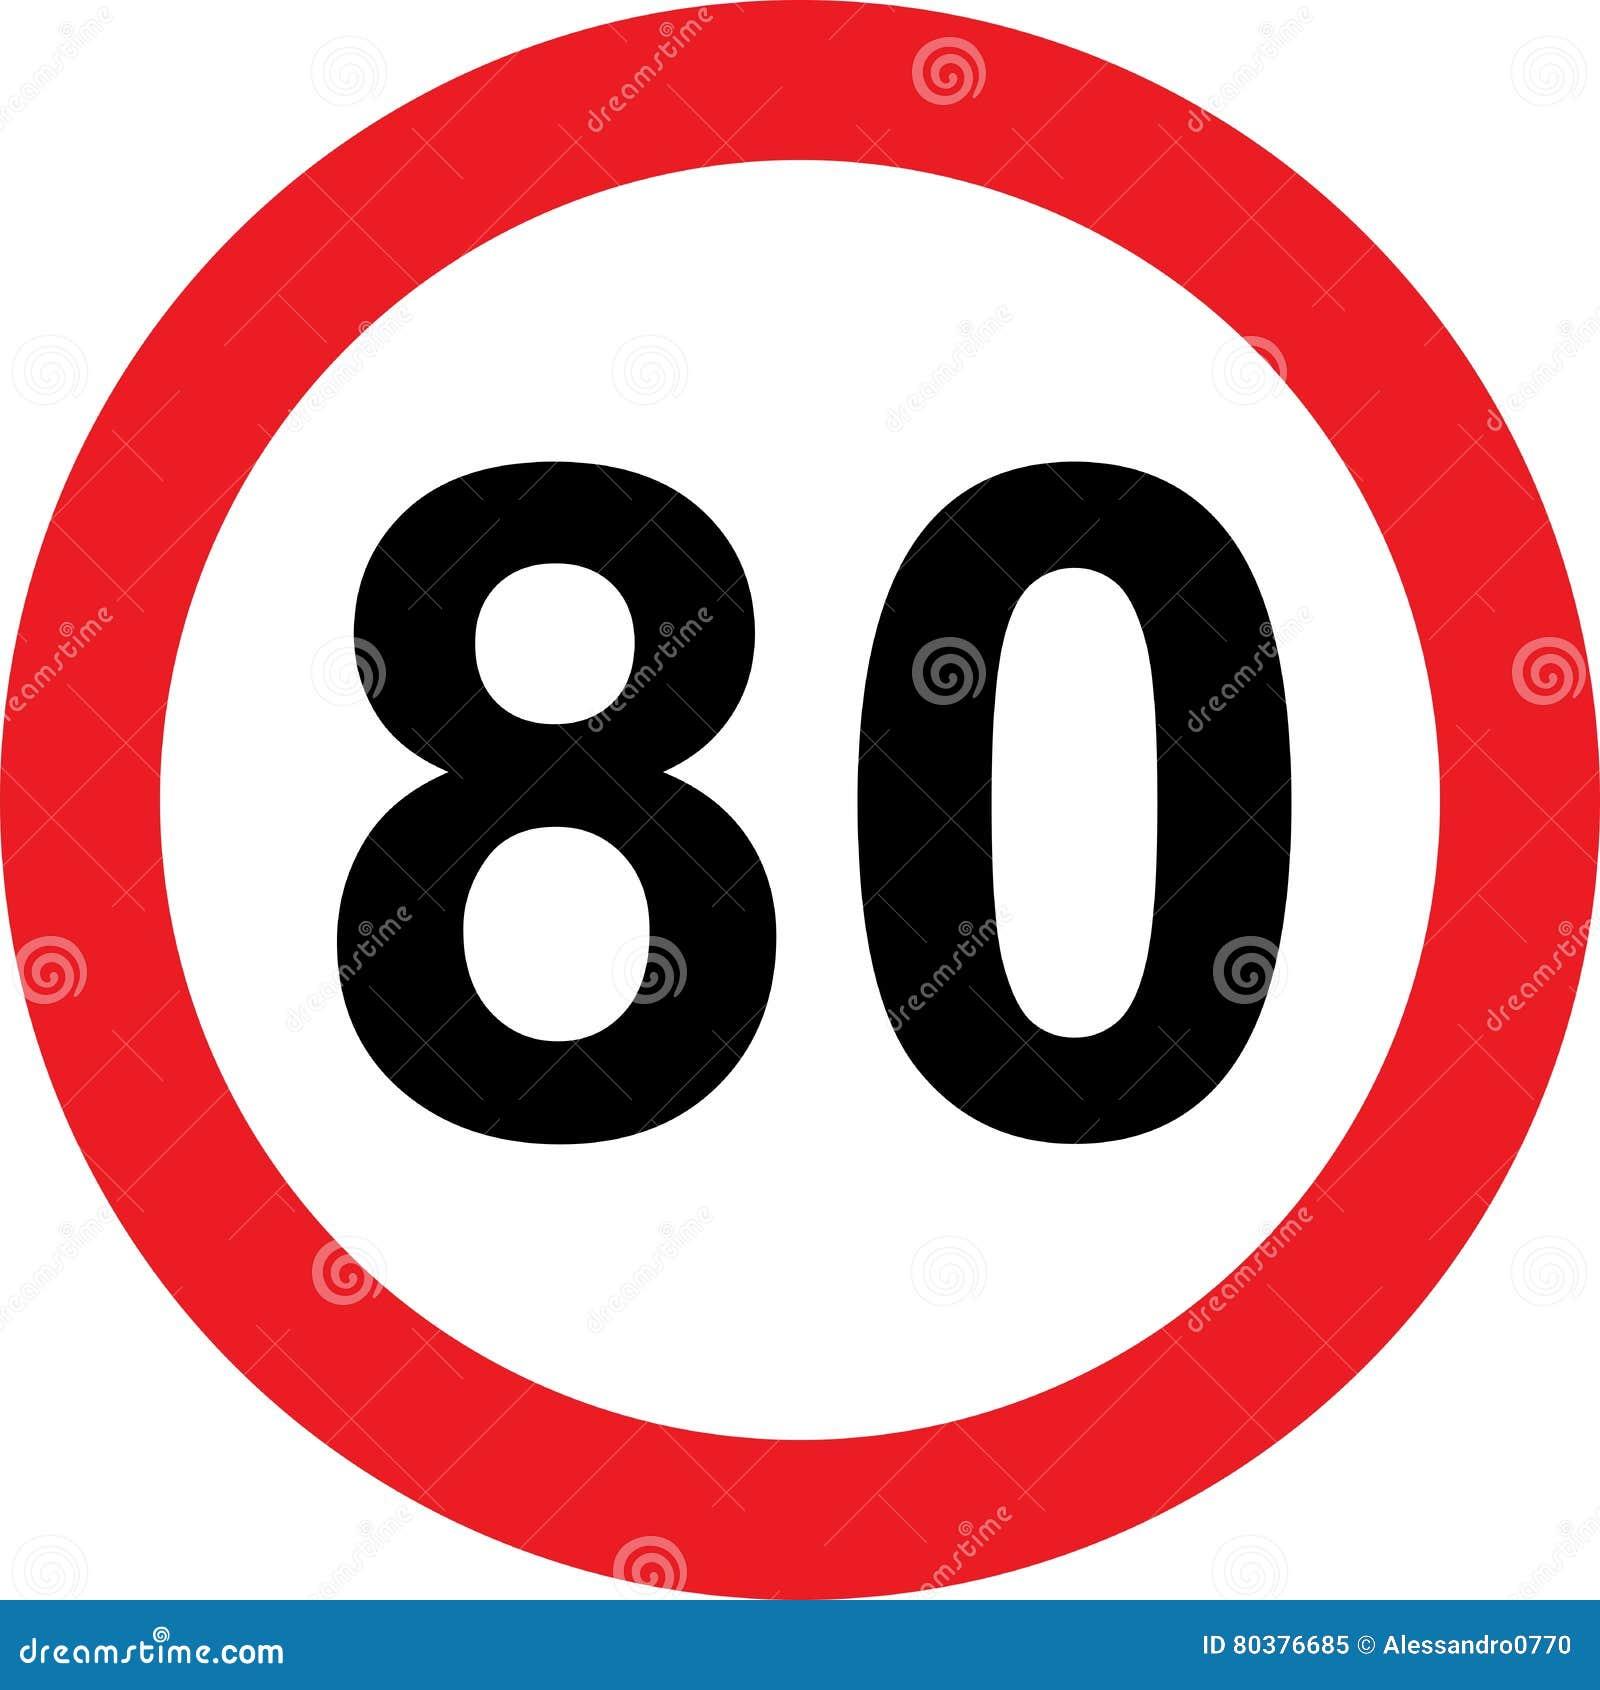 panneau routier de limitation de 80 vitesses illustration stock image 80376685. Black Bedroom Furniture Sets. Home Design Ideas